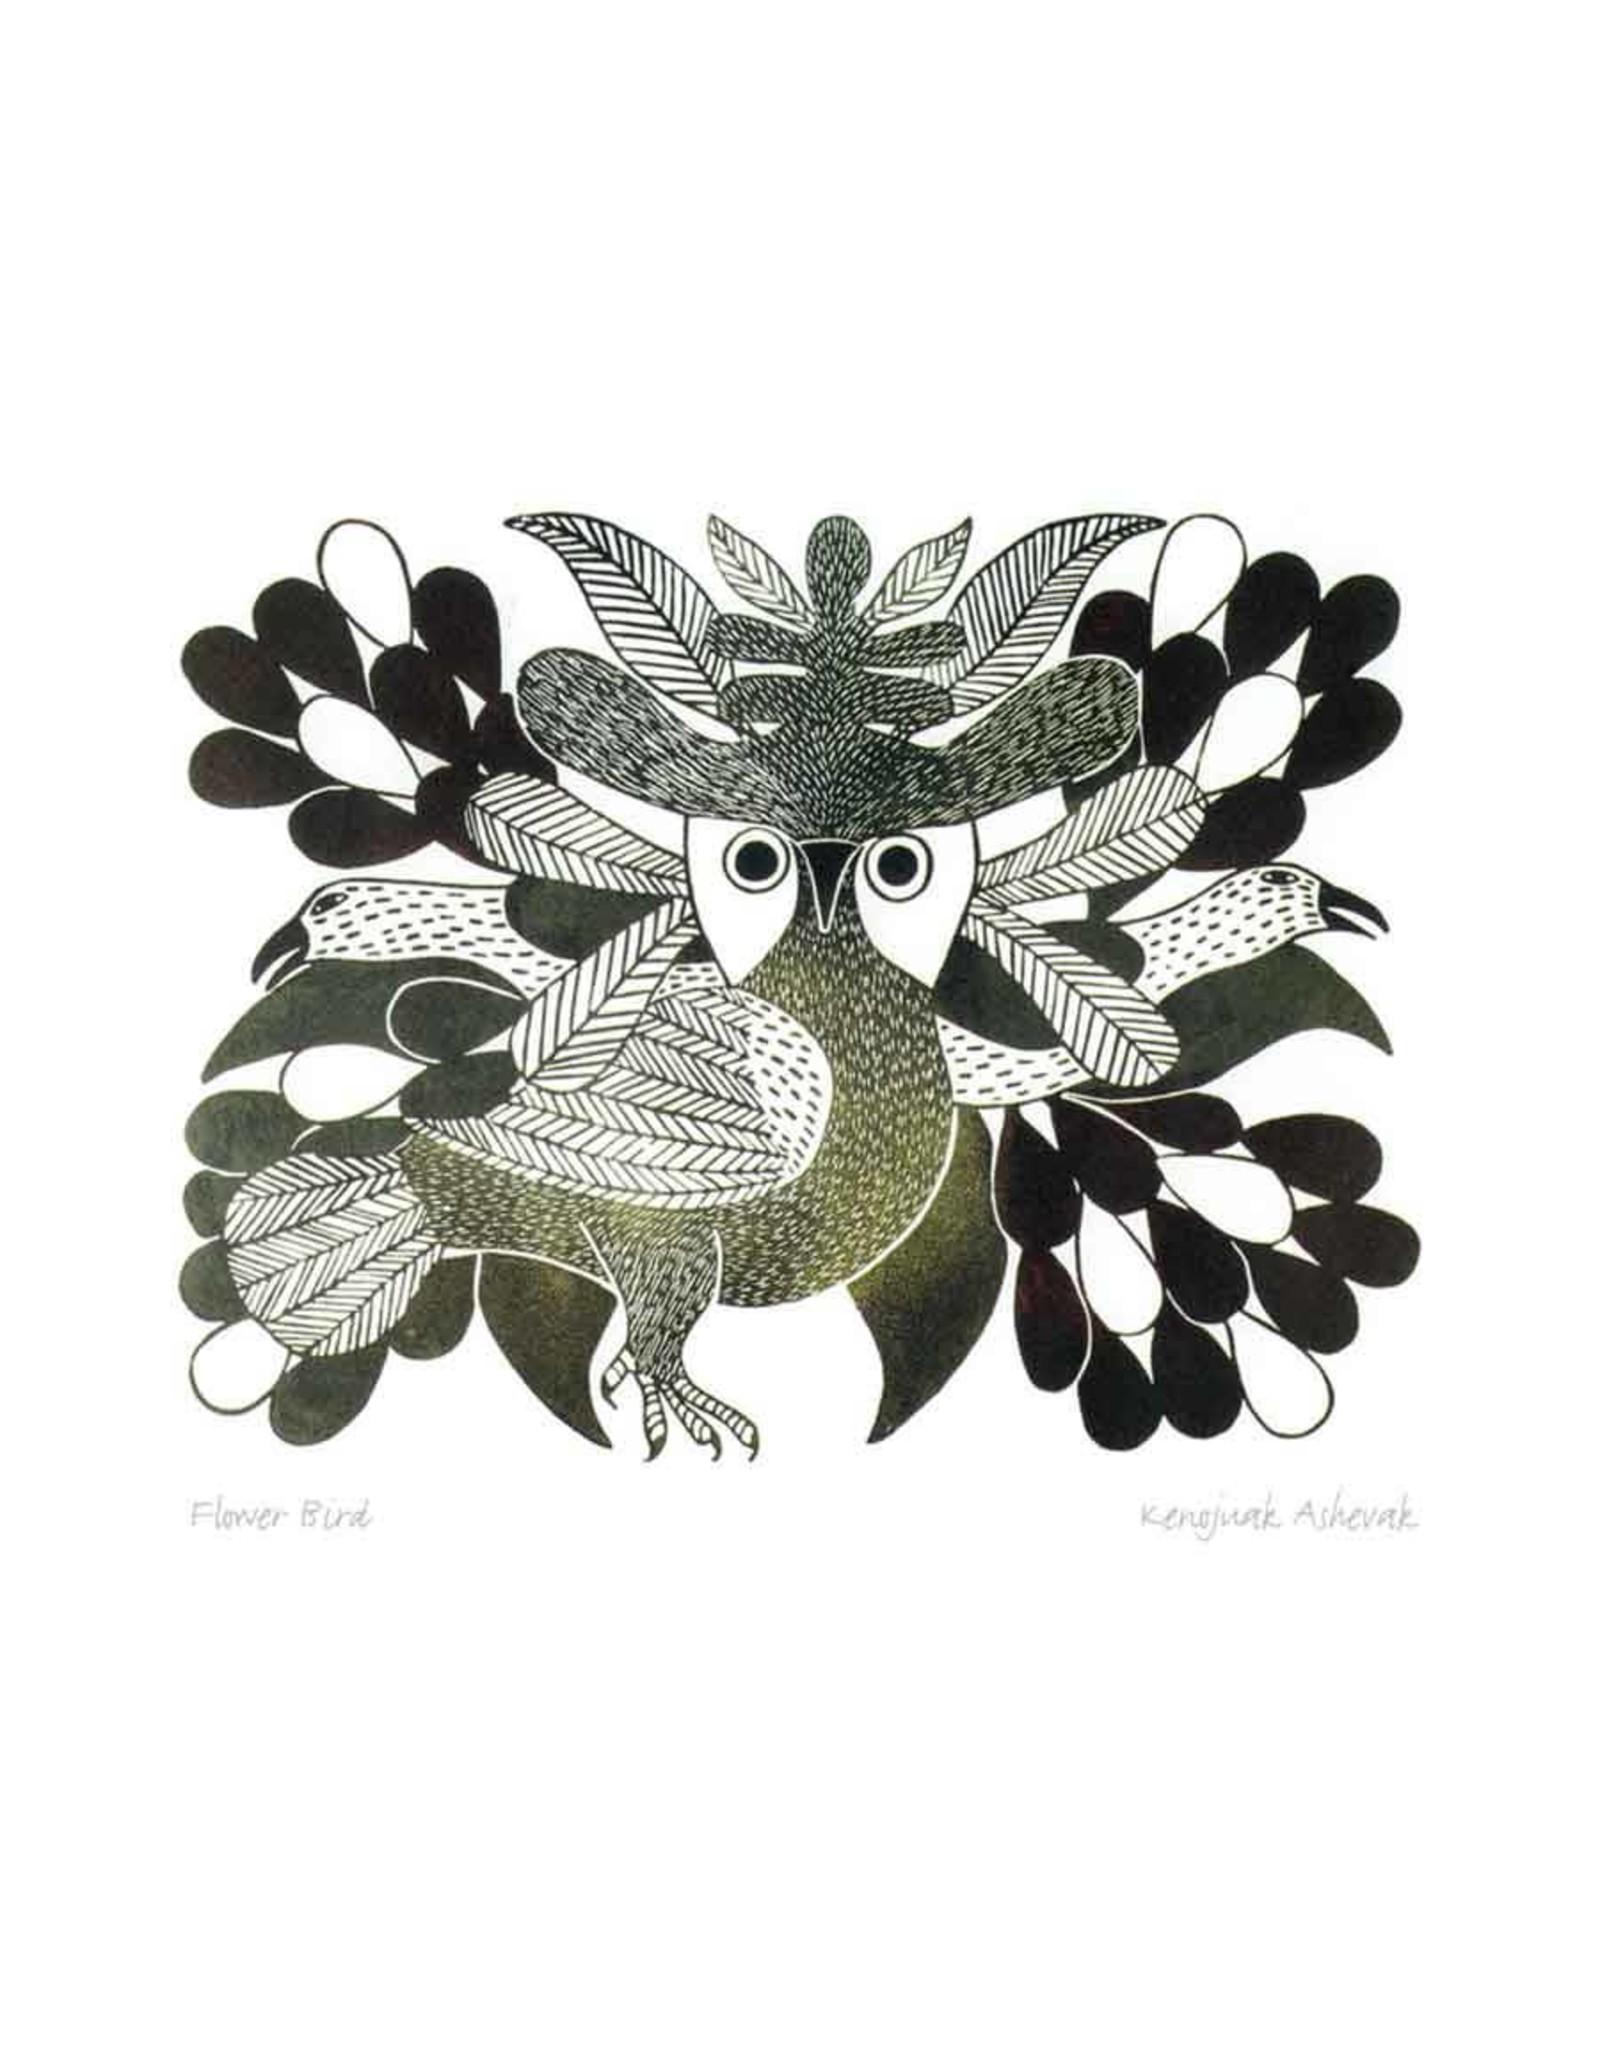 Flower Bird by Kenojuak Ashevak Framed